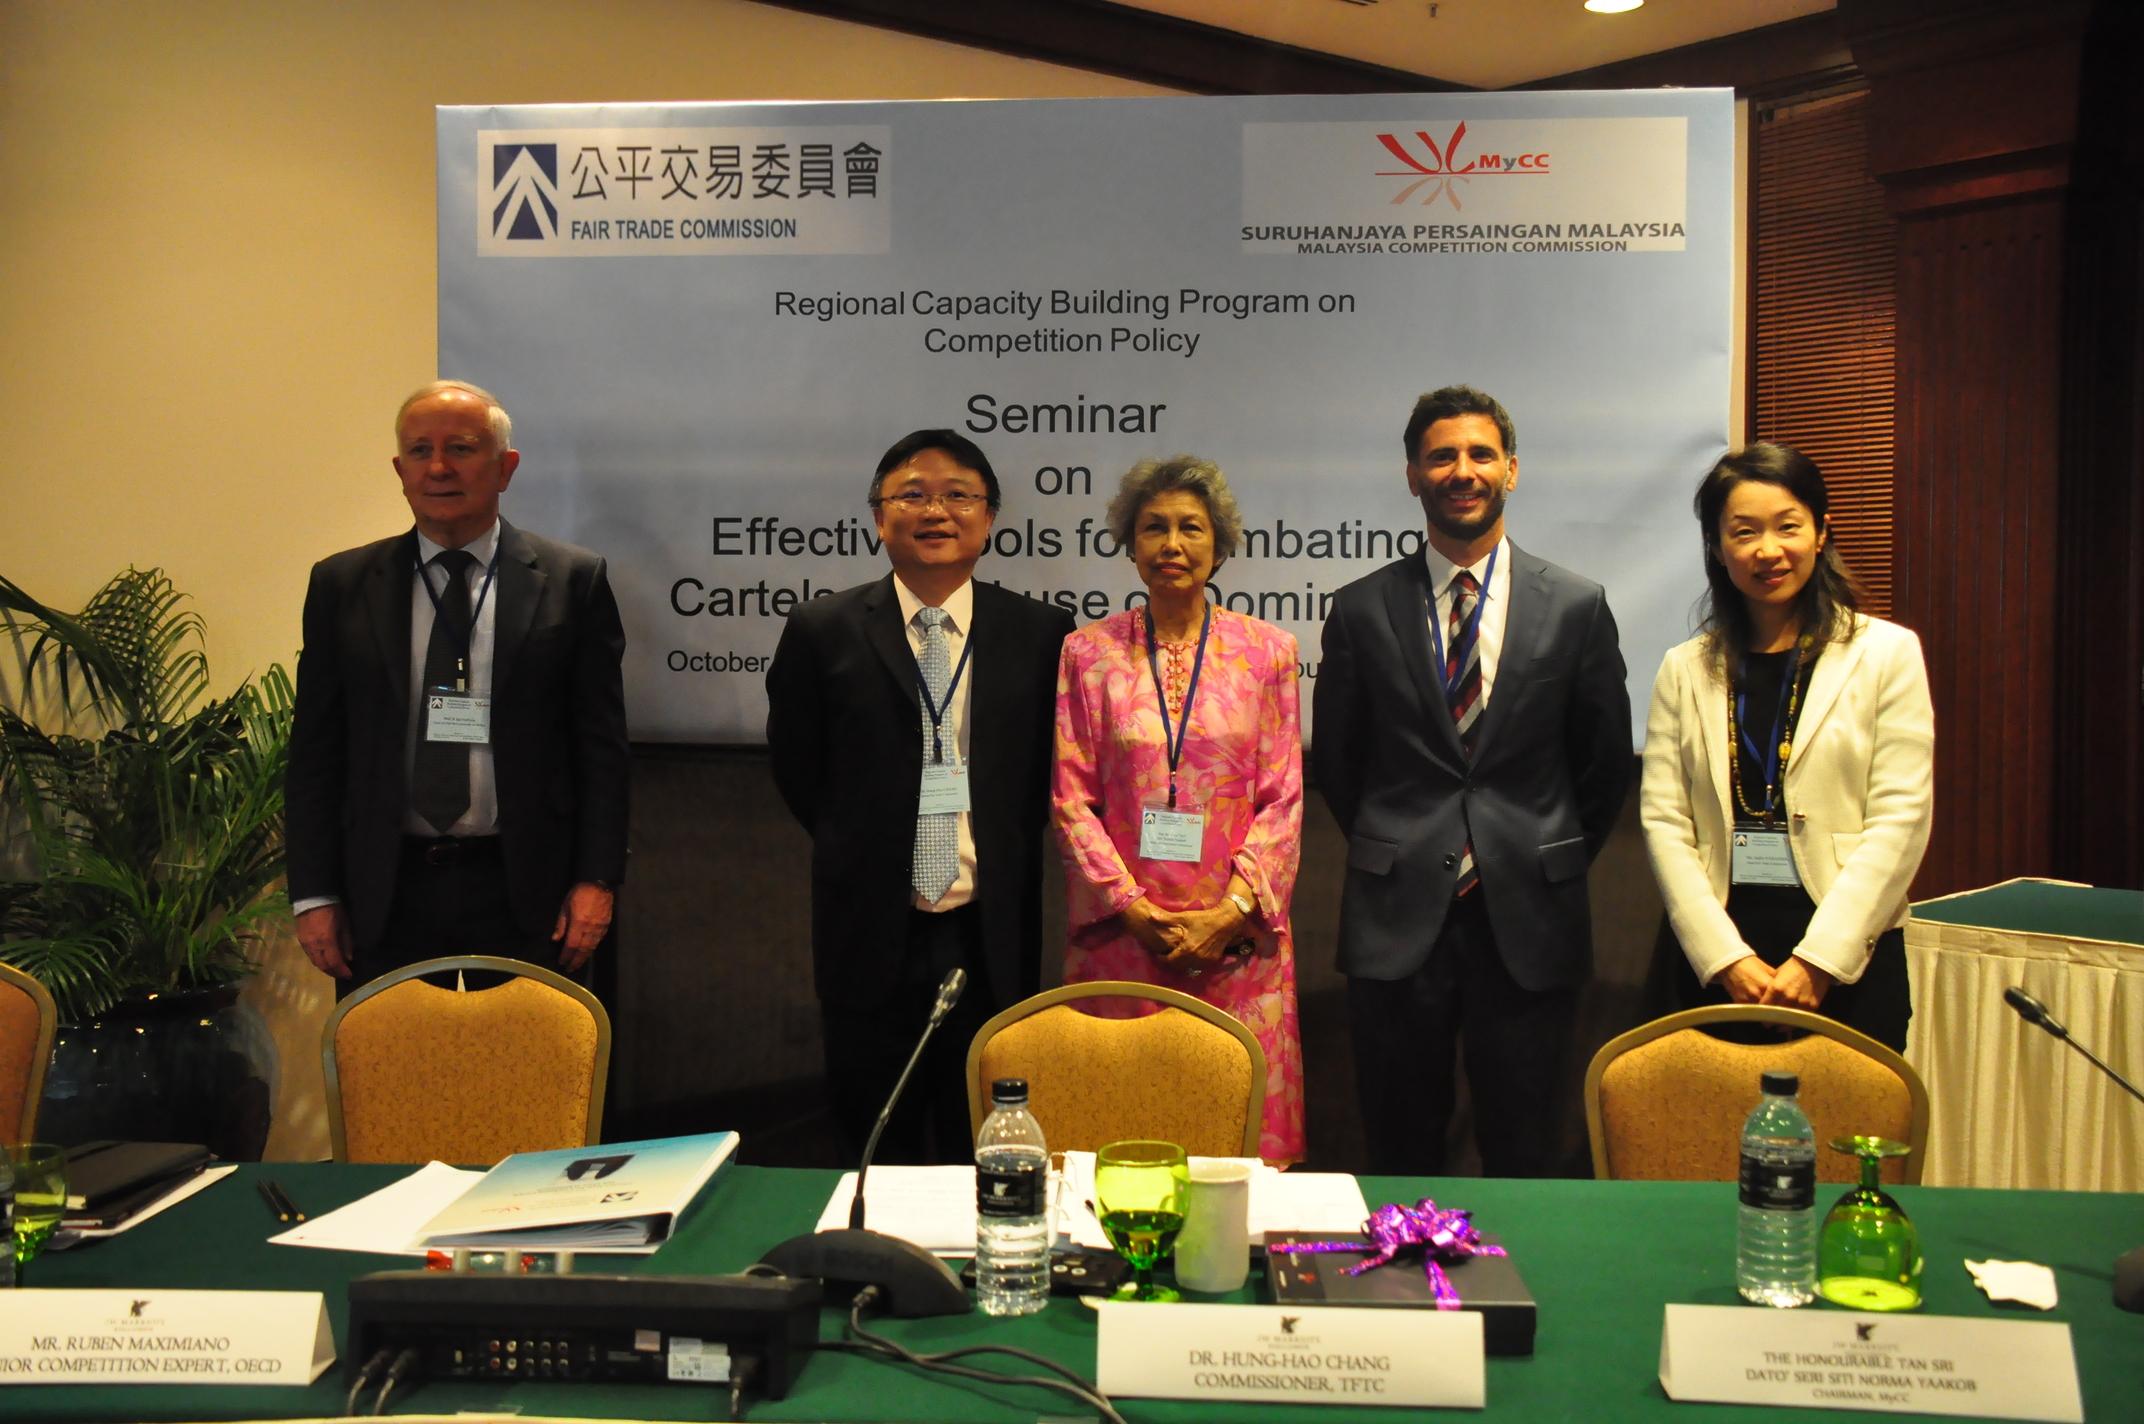 張委員於馬來西亞區域研討會與馬國競爭委員會主任委員及講師合照